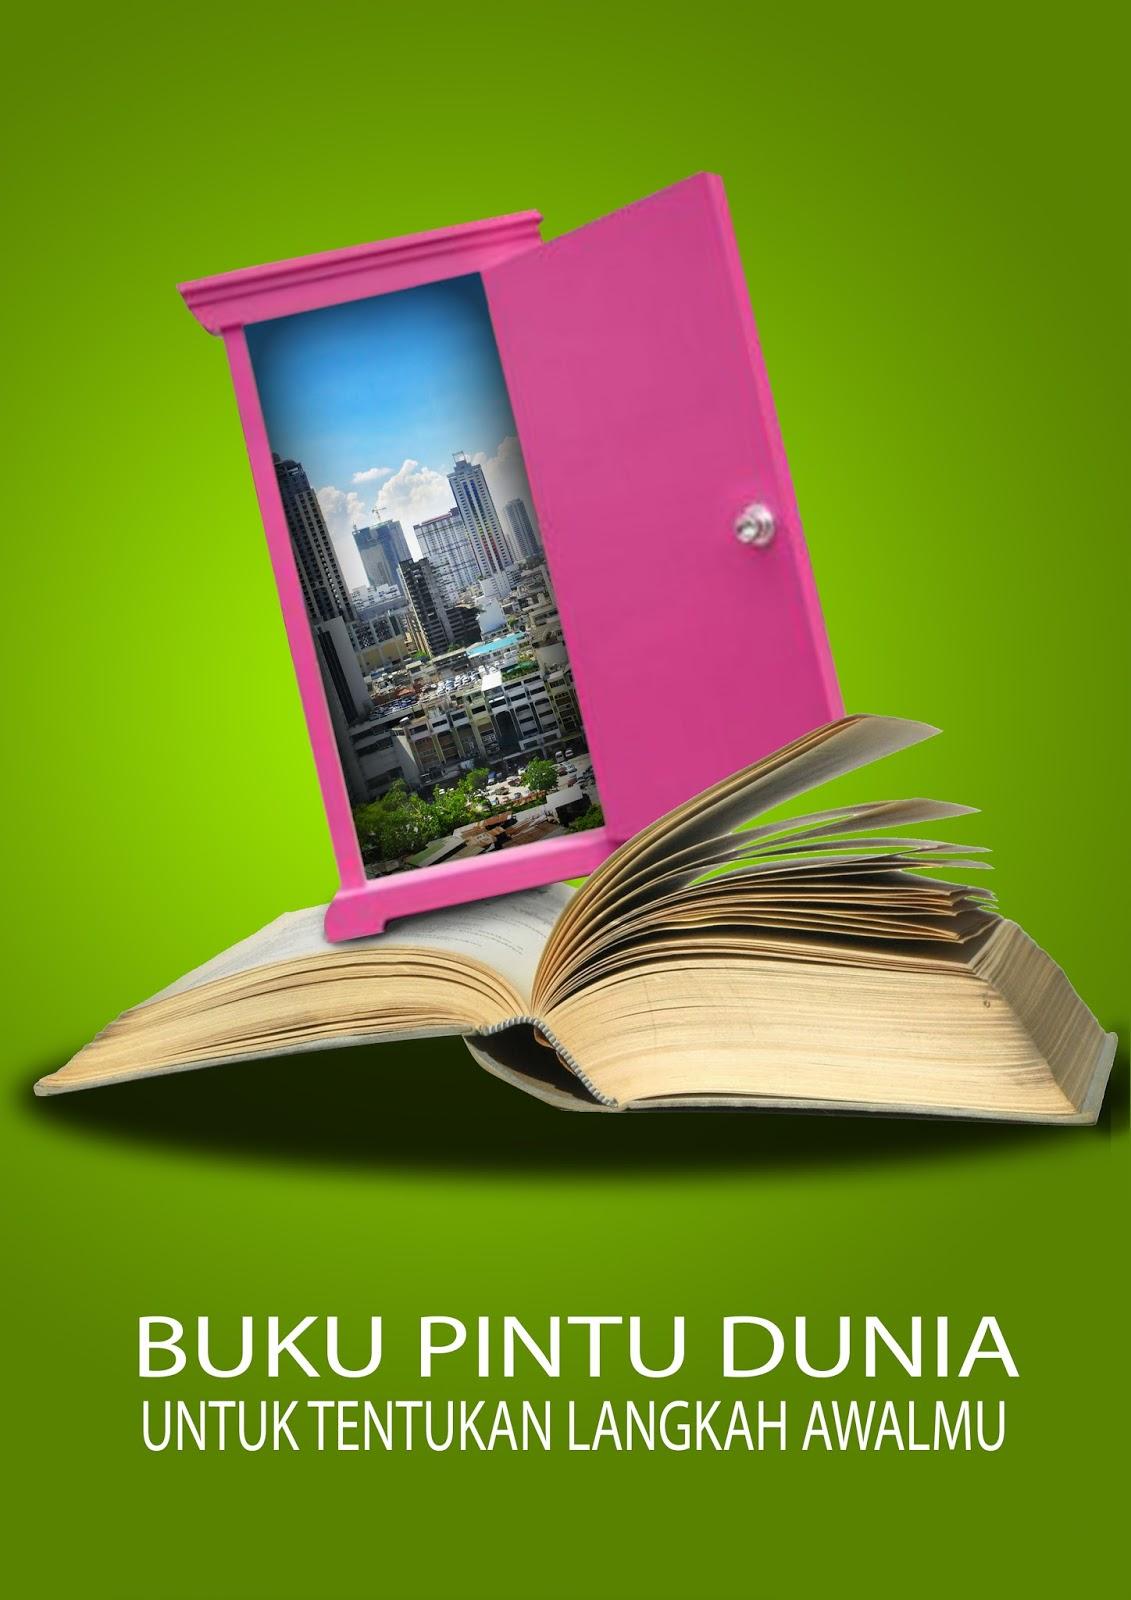 Contoh Poster Pendidikan Newbie Master